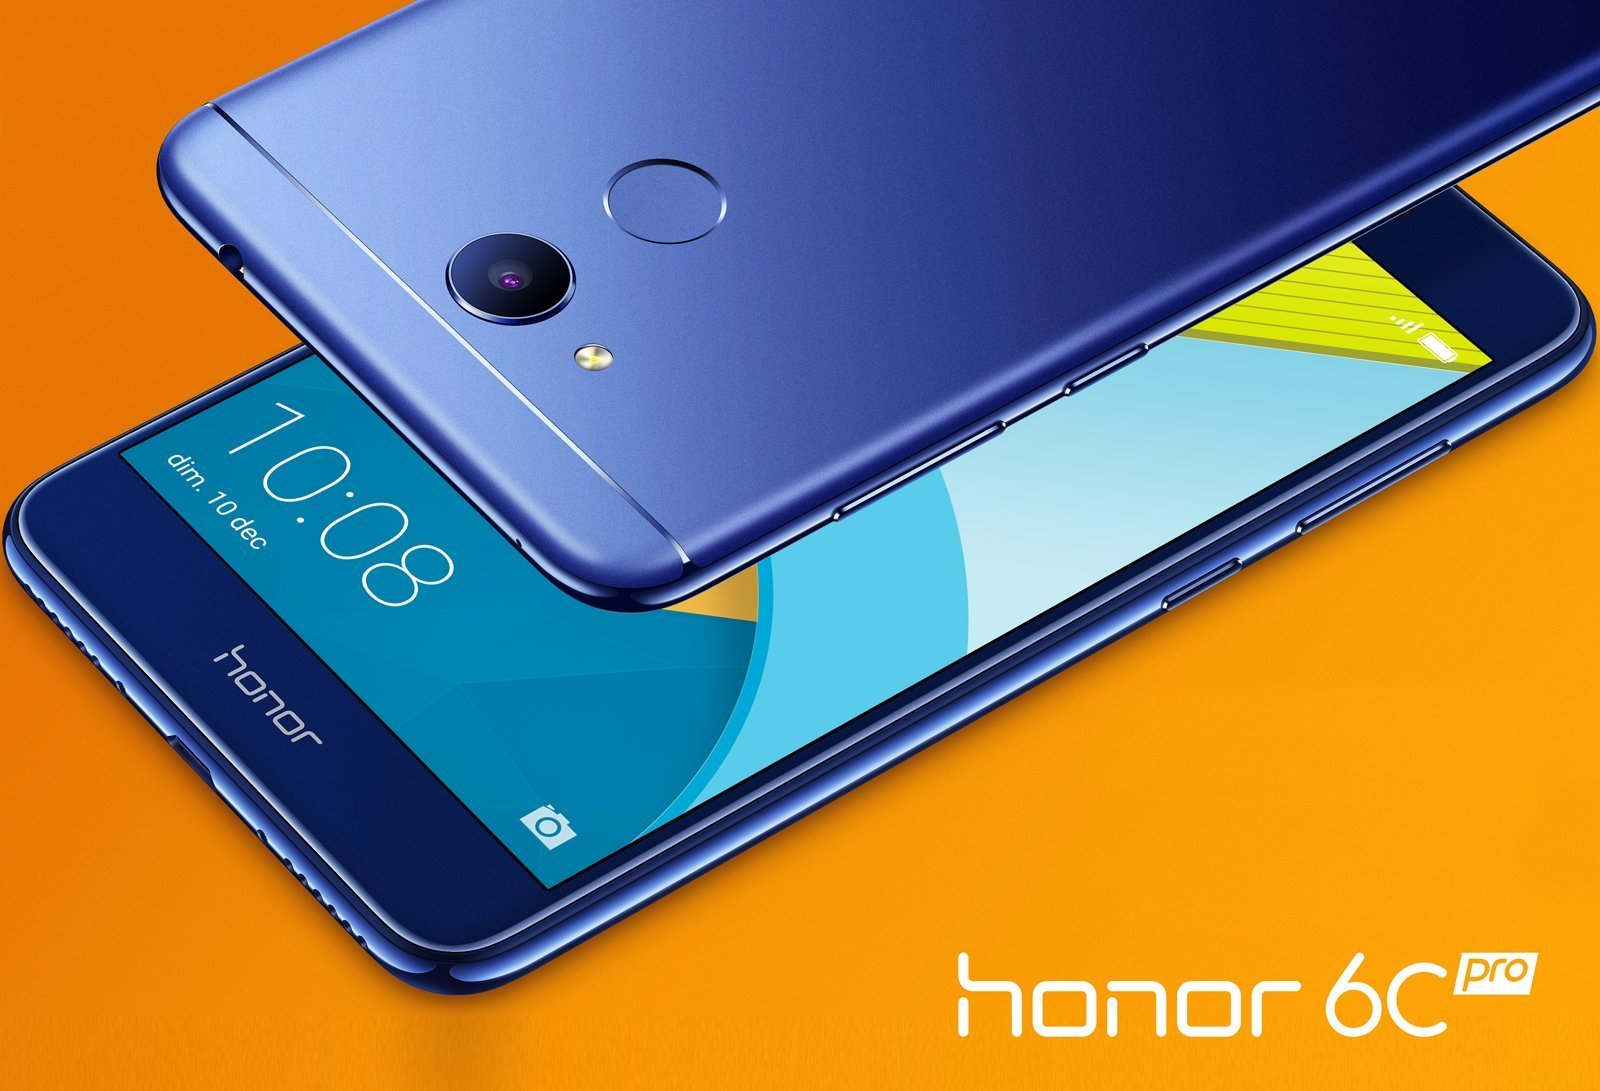 Les fonctionnalités des smartphones haut de gamme arrivent-elles sur les entrées de gamme ?